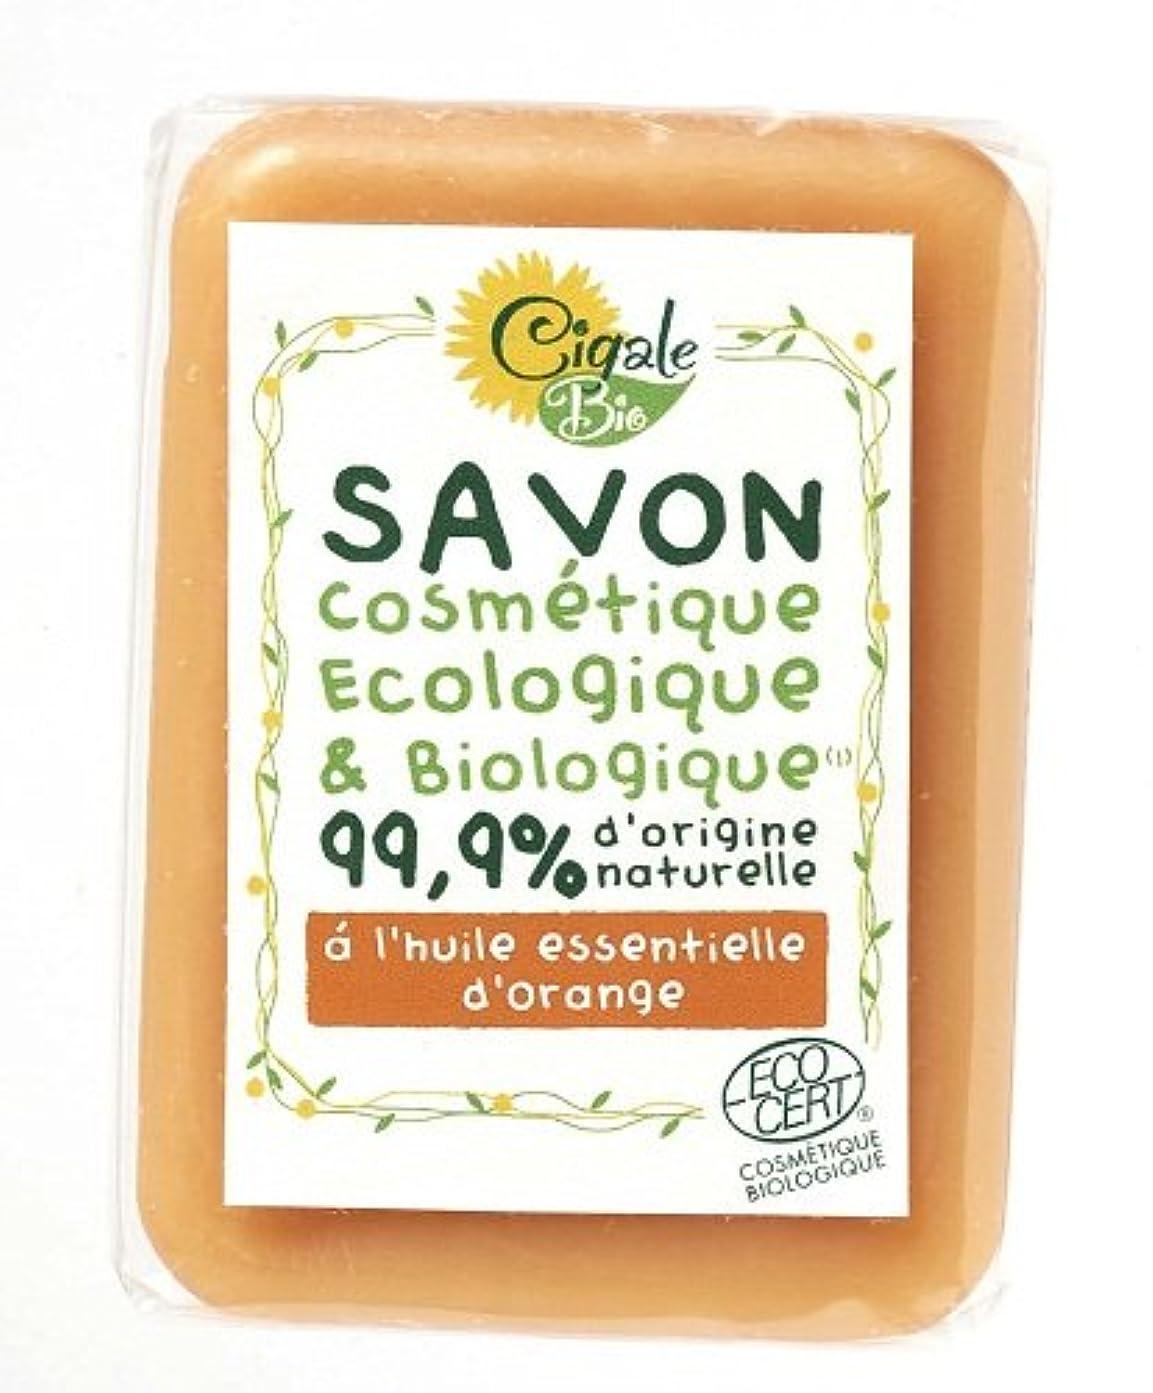 窒素ペルメルデコレーションシガールビオ オーガニックソープ オレンジ